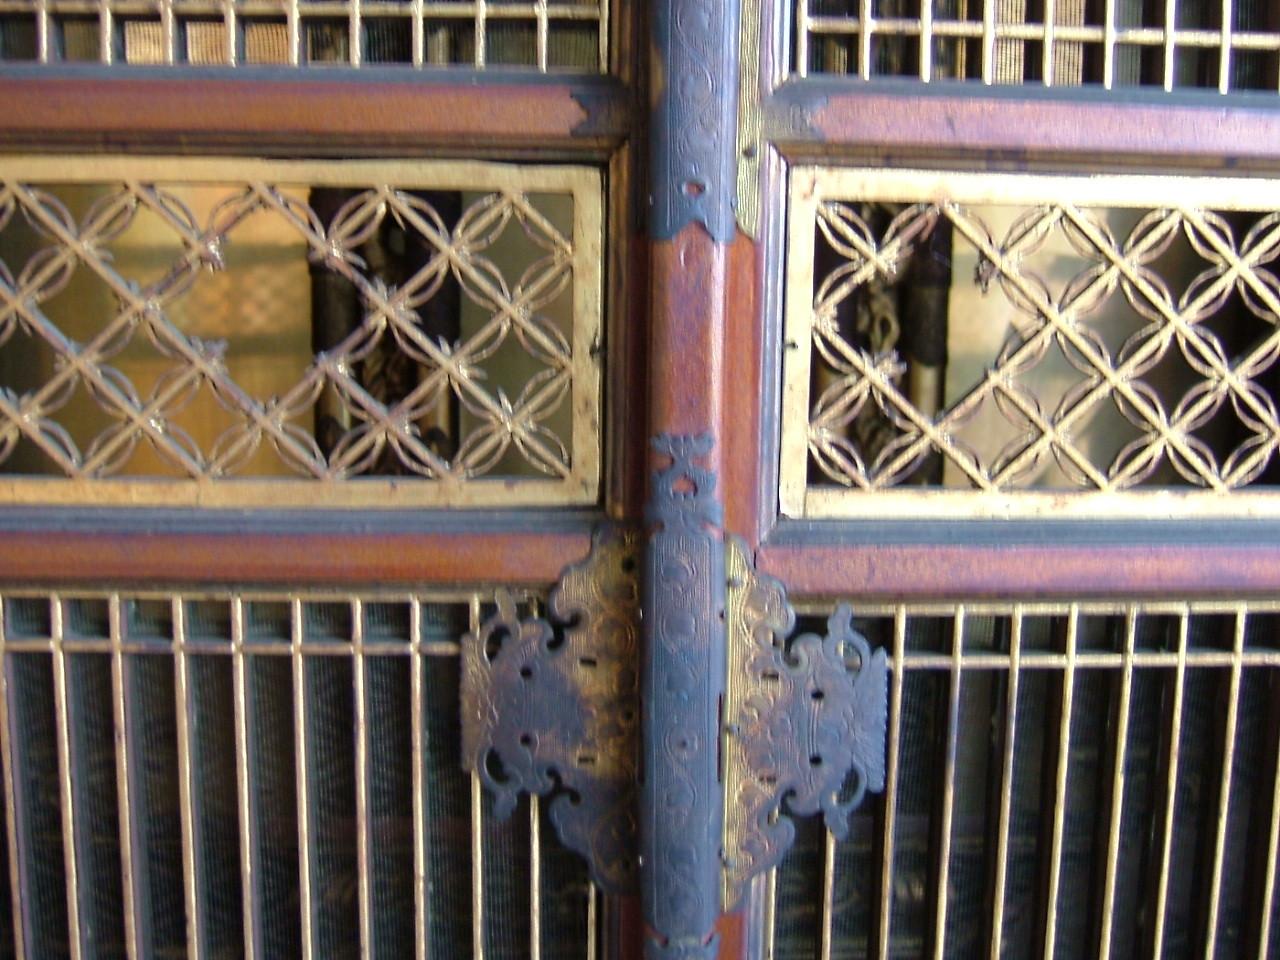 仏壇洗濯・修理 高級仏壇にみられる障子の中央にある輪違いの菱組子です。ネズミ喰い等で穴が空いています。